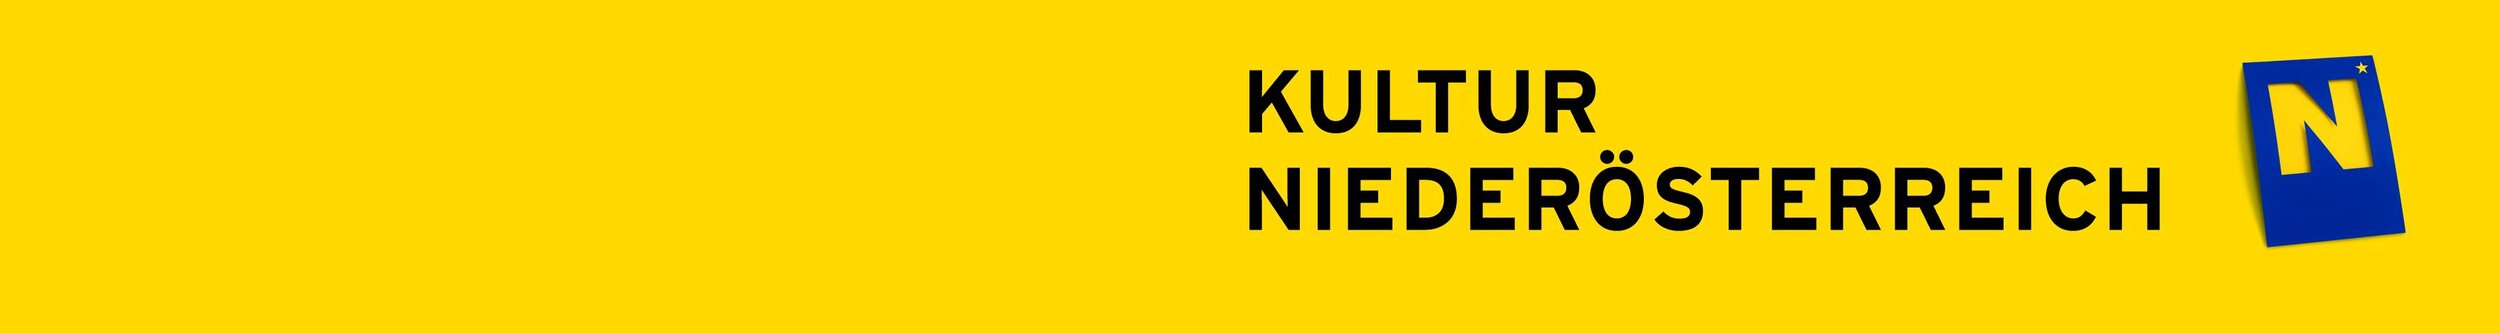 thumbnail_noe-logo1.jpg